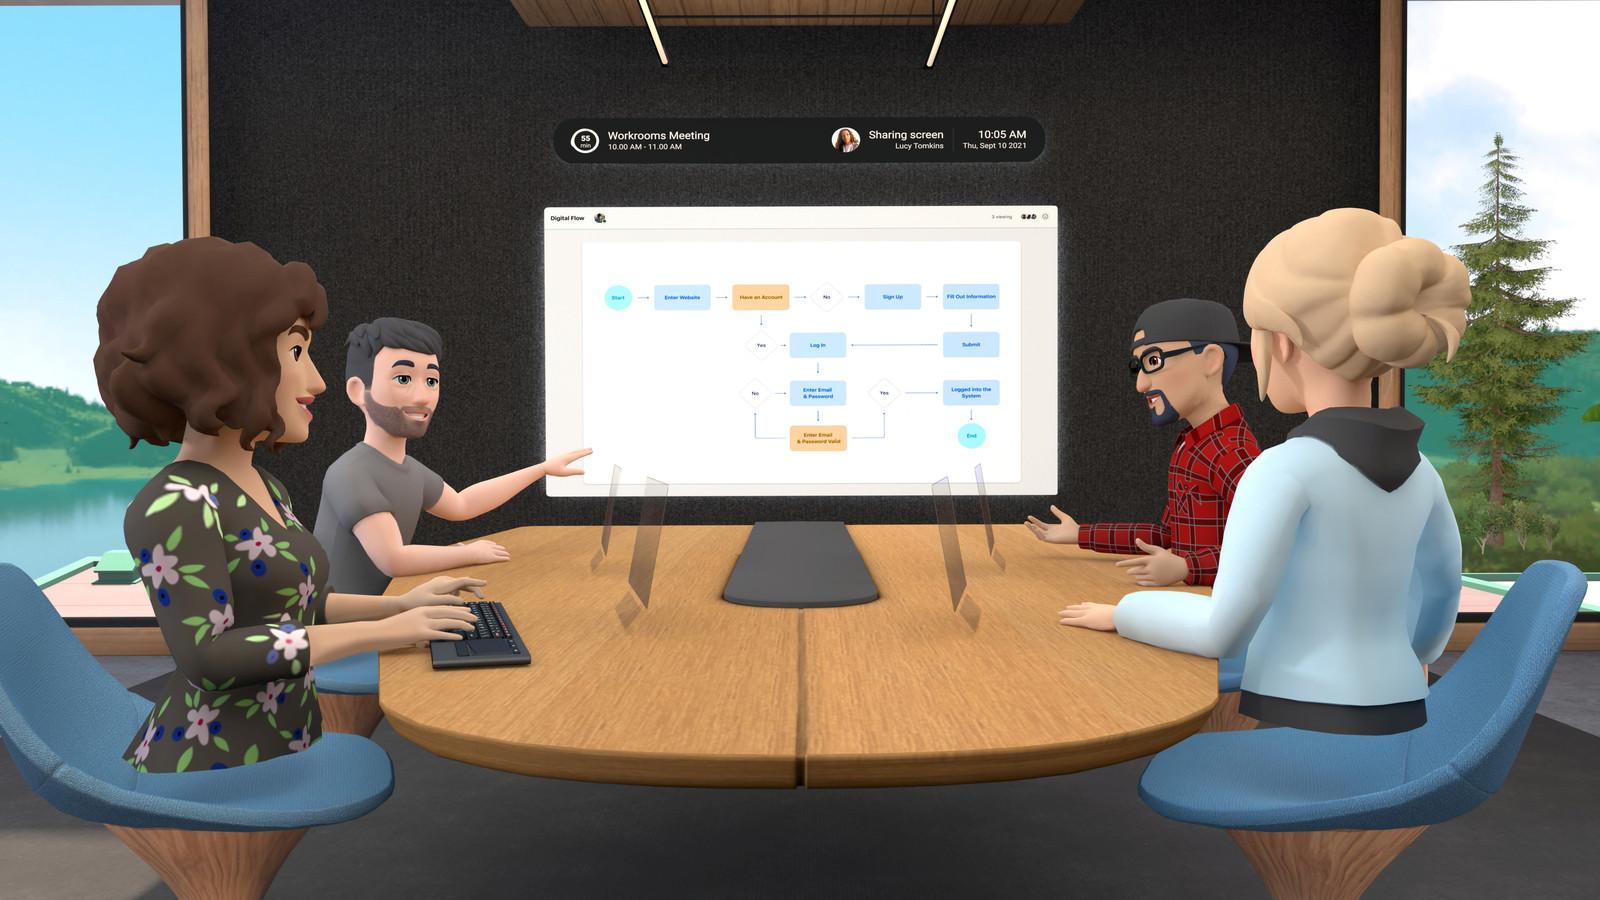 """Dans les """"workrooms"""" (salles de travail), les participants apparaissent autour d'une table ronde sous forme d'avatars personnalisés, qui ressemblent à des personnages de dessins animés"""